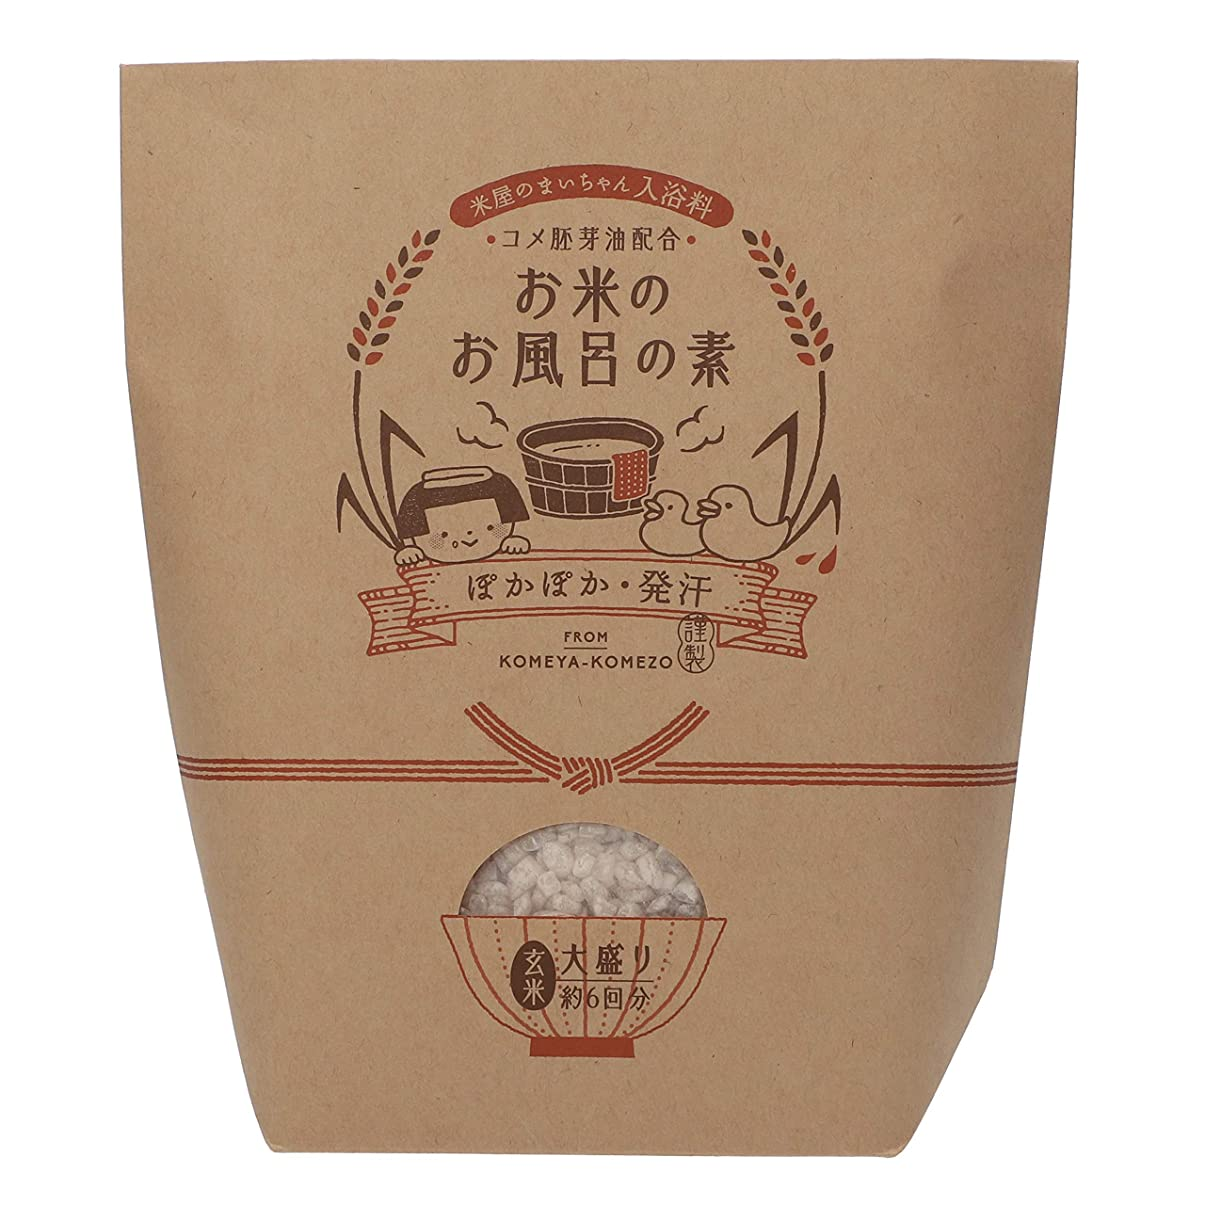 ラベンダー破壊的責お米のお風呂の素 大盛り(発汗)